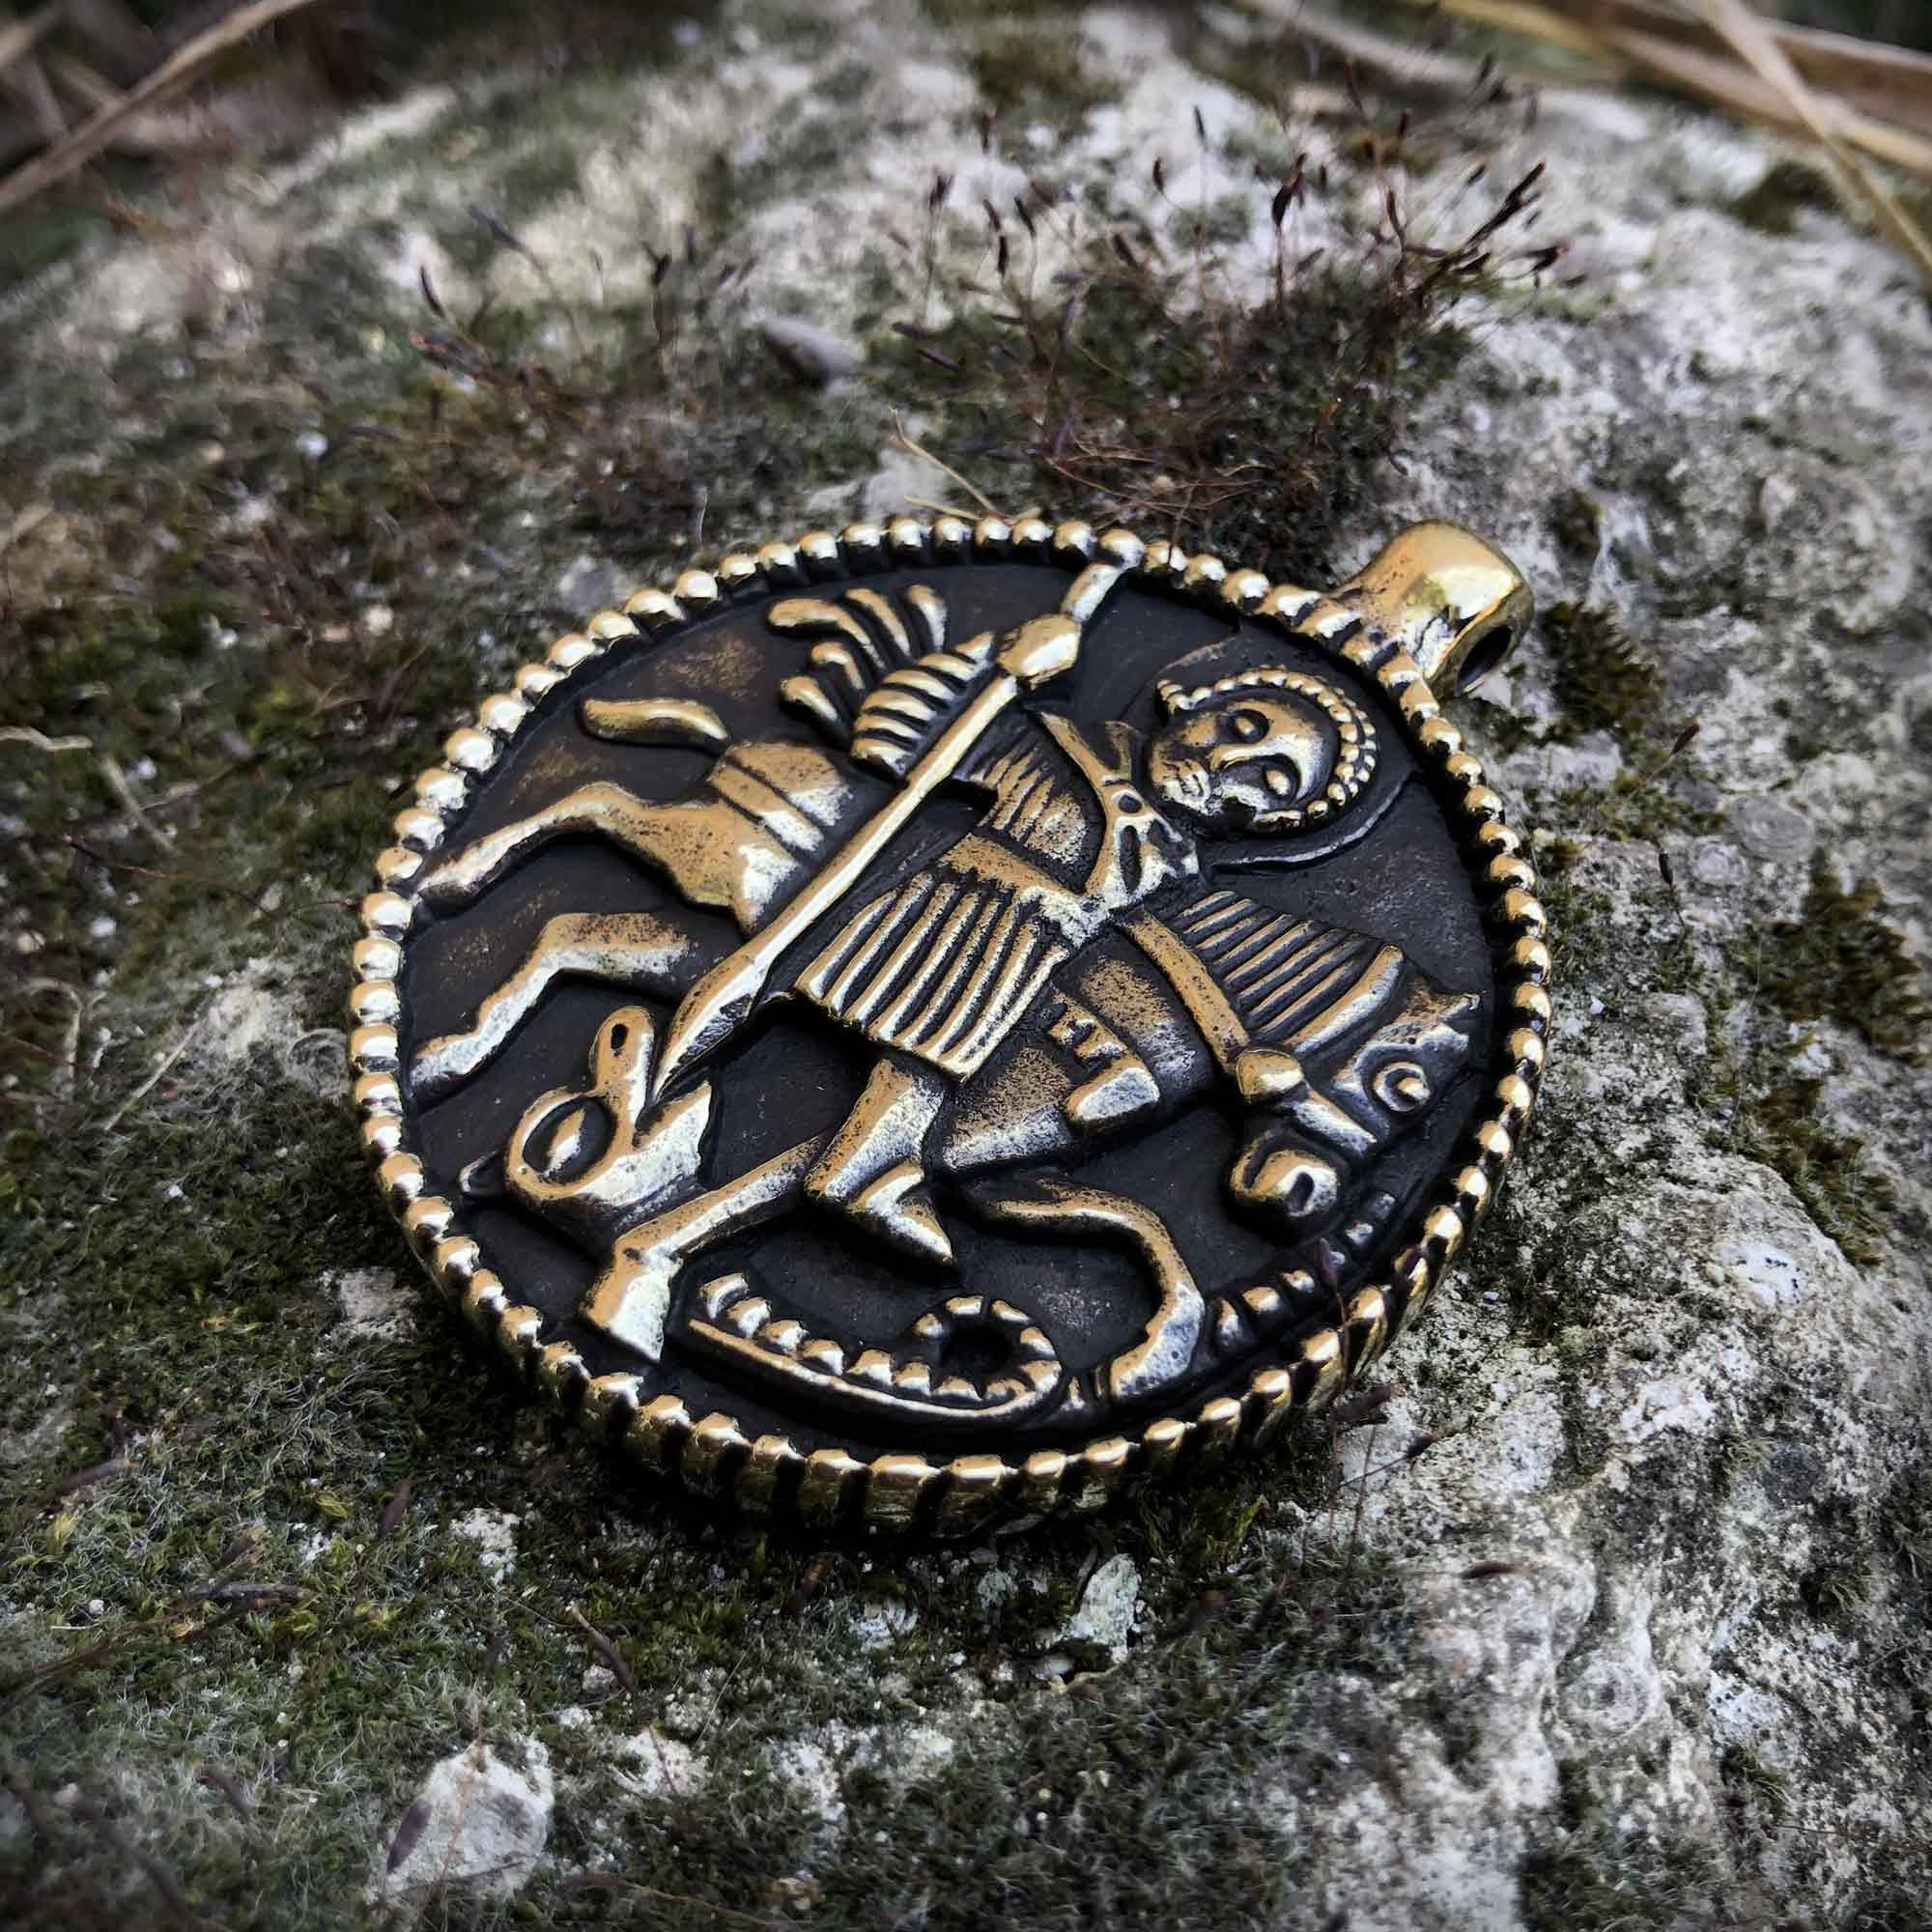 бронзовый кулон змеевик георгий победоносец купить в крыму оптом бижутерию из бронзы